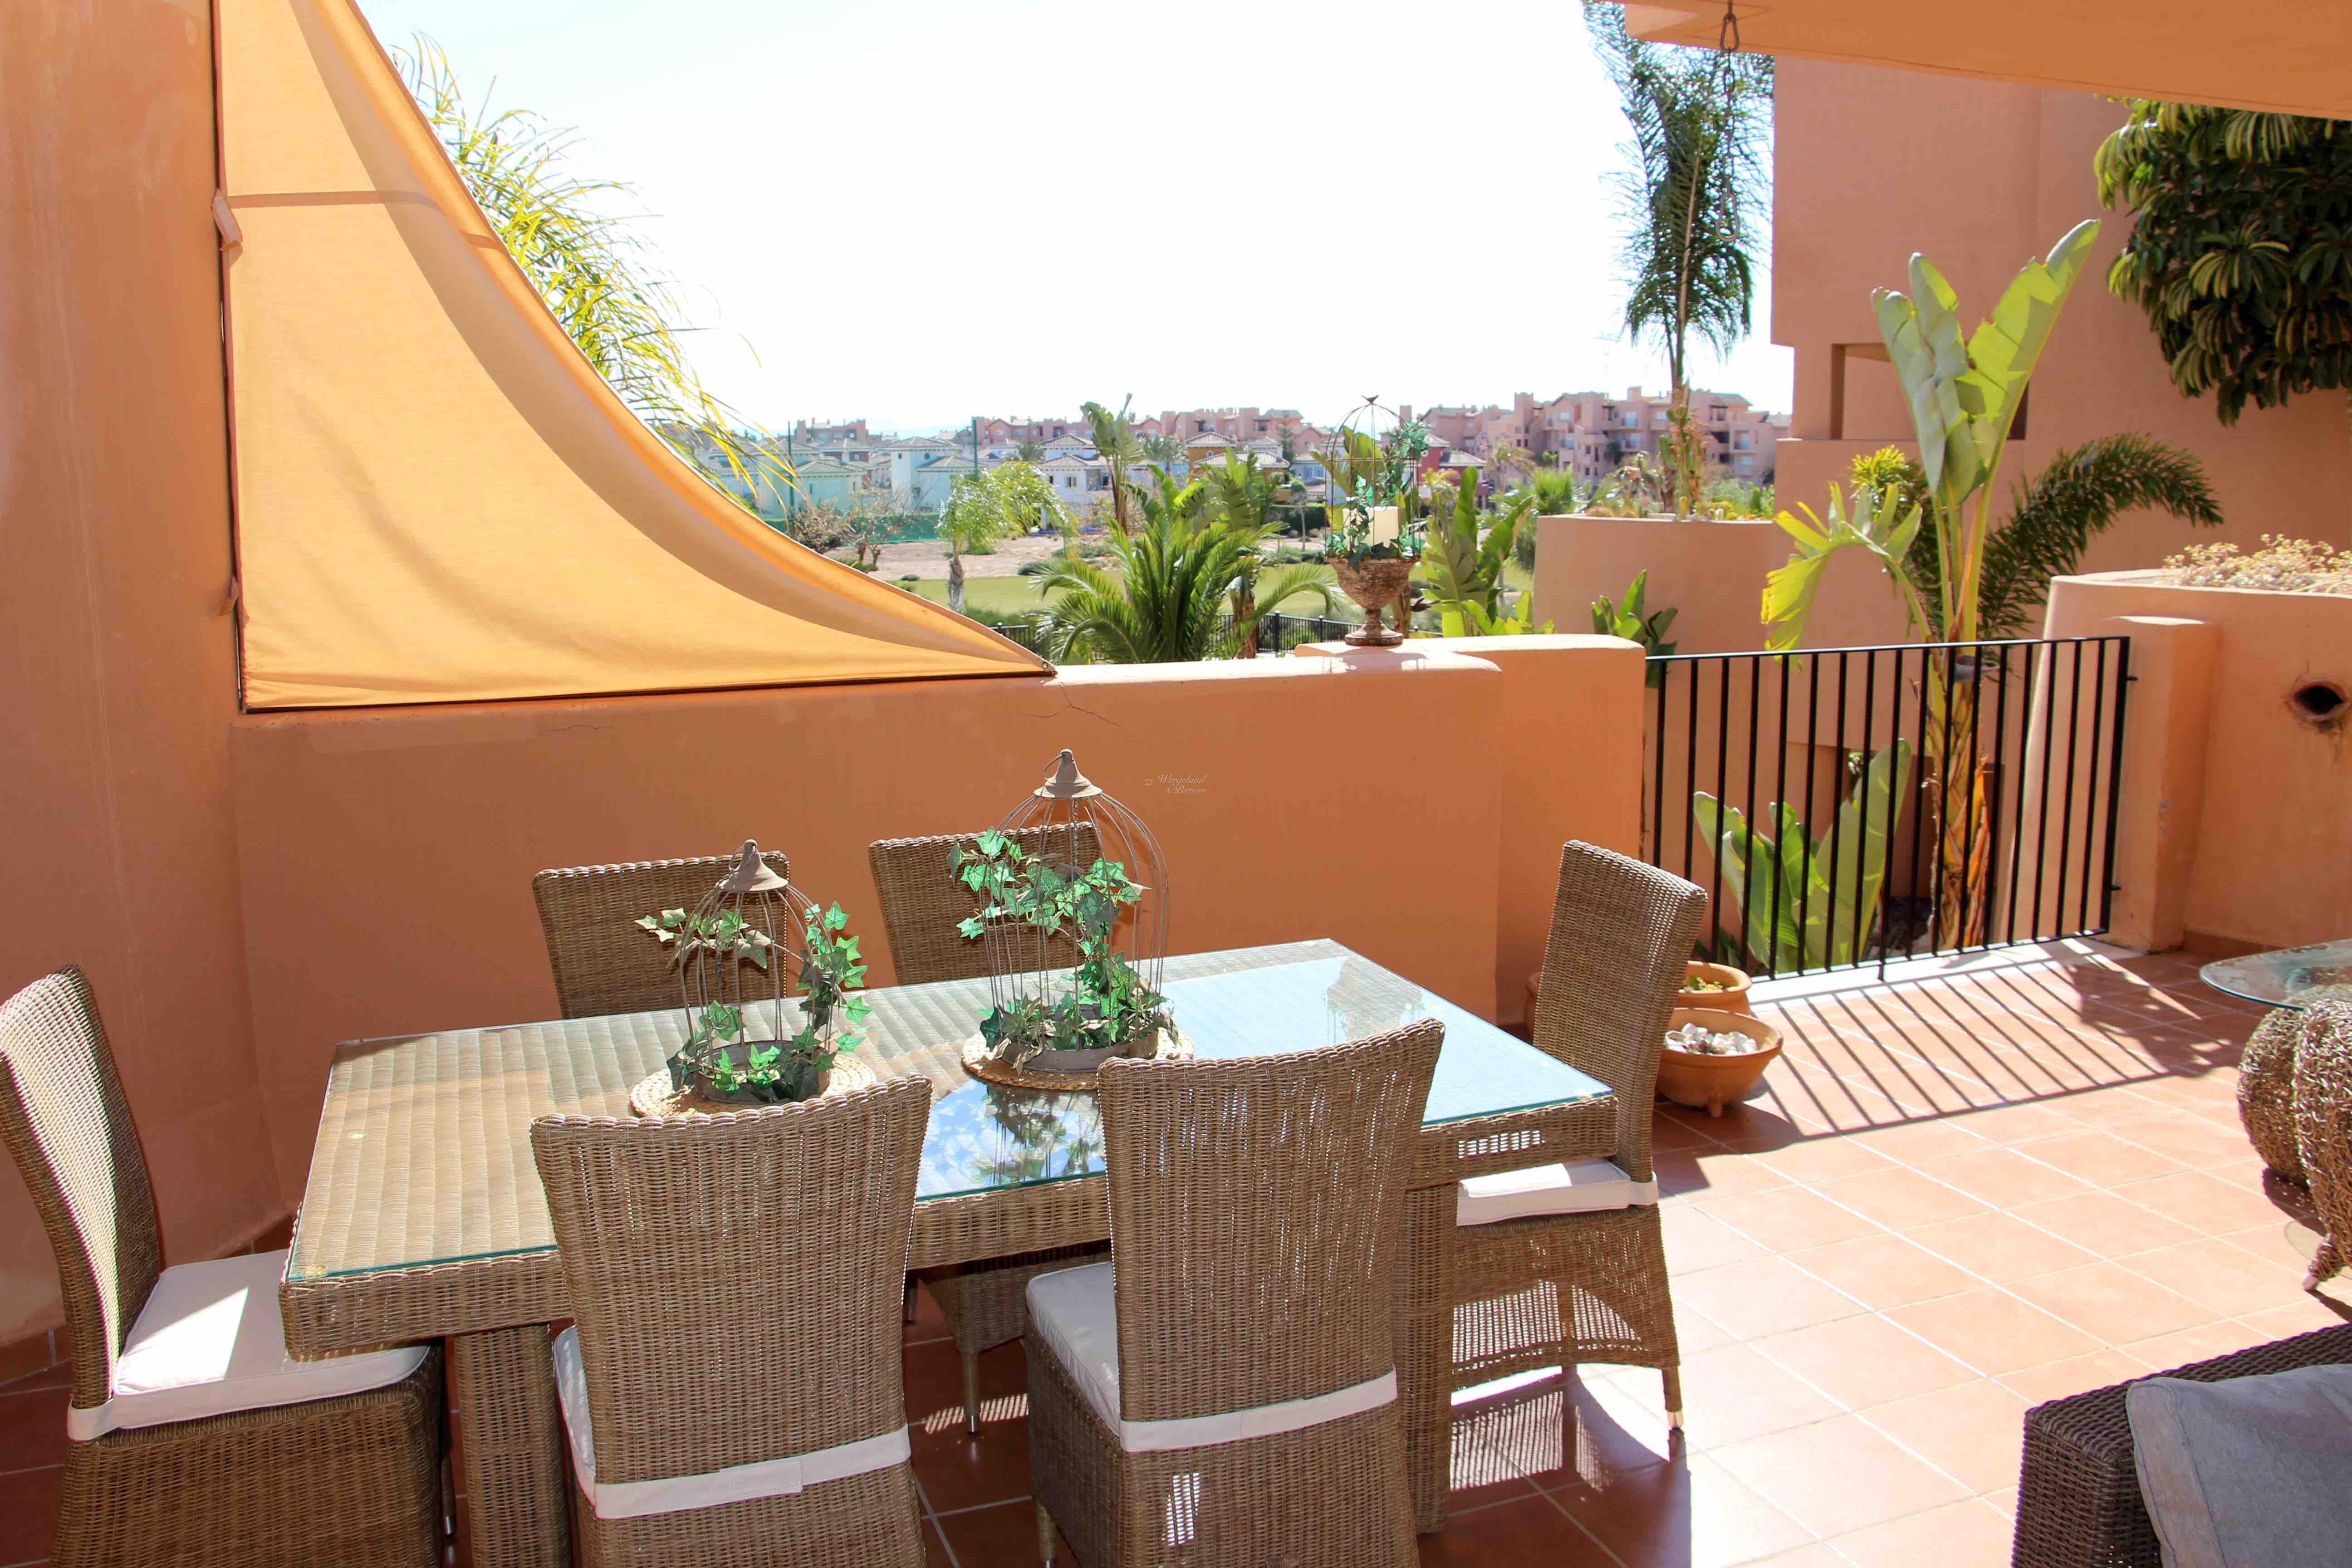 Betydelig Påkostet 4-roms sydvendt møblert leilighet langs hull 16. Stor og innholdsrik terrasse. Utsikt basseng-grøntområde-golf [13012]